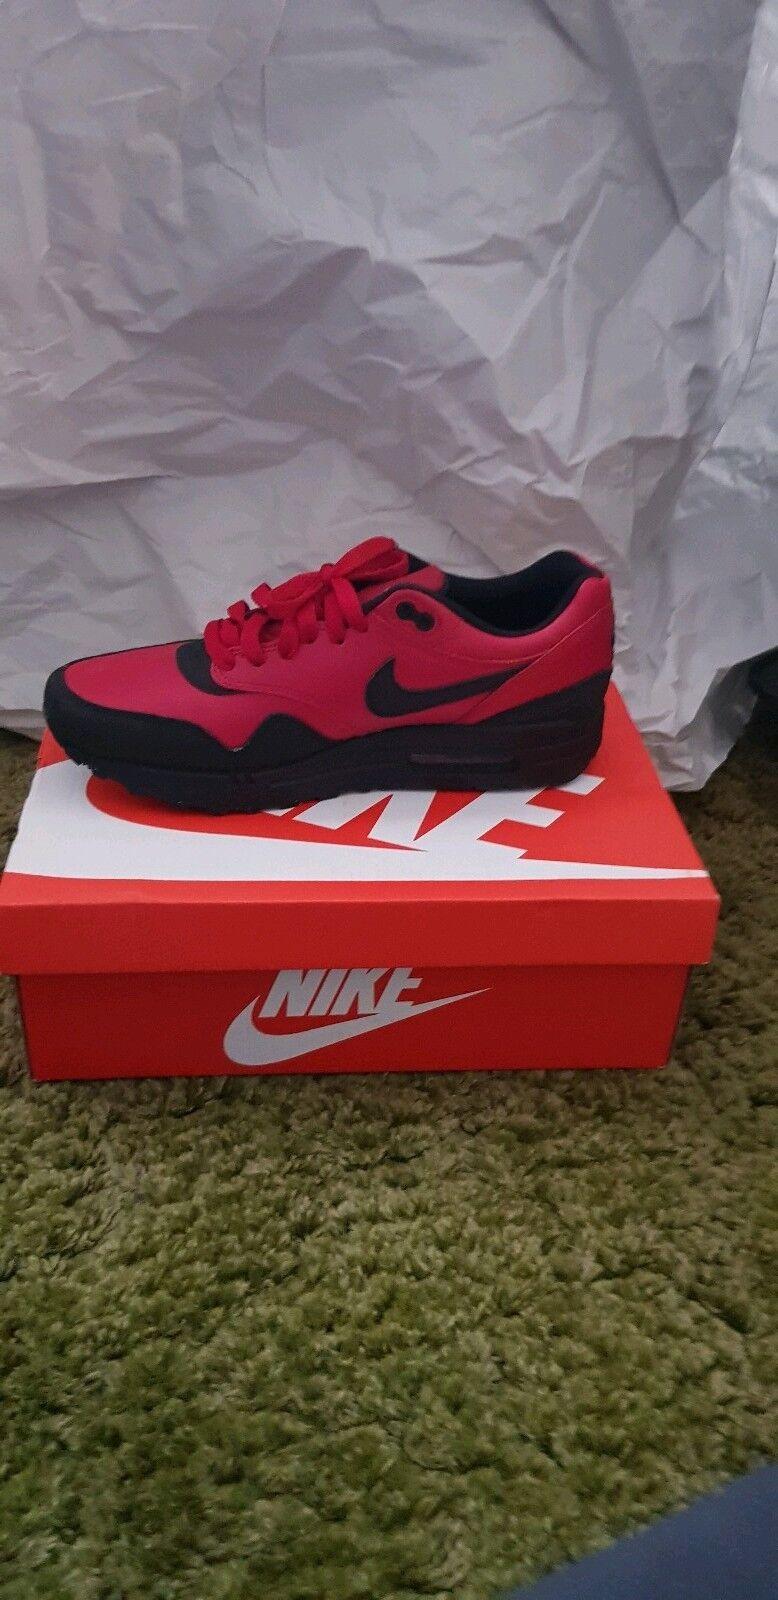 Nike Air Max et rouge et Max noir baskets. Taille Unisexe 82b9ac